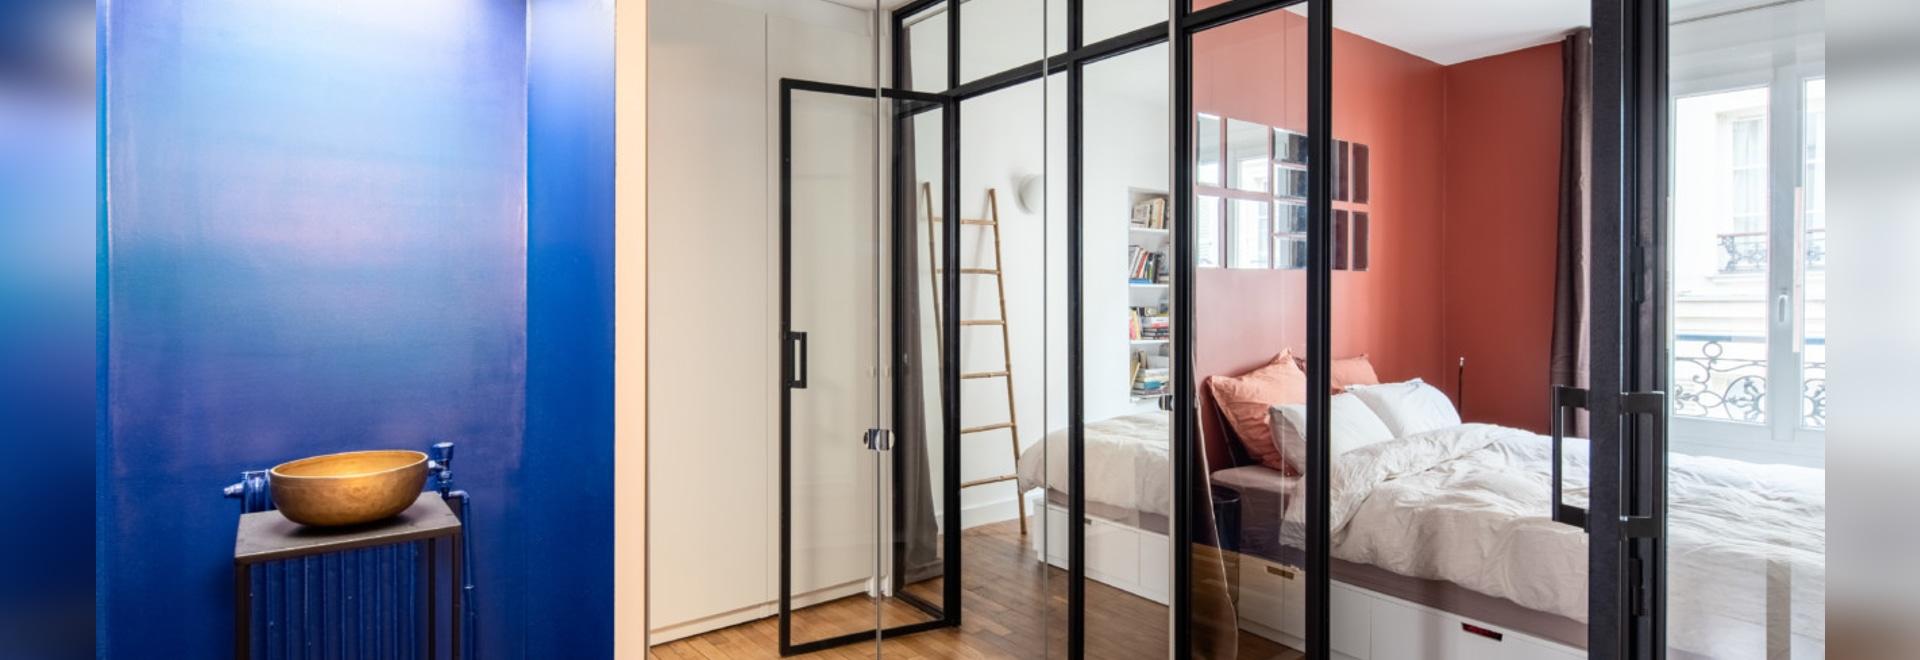 Komponieren eines modernen Stils innerhalb der Grenzen einer alten Pigalle-Wohnung